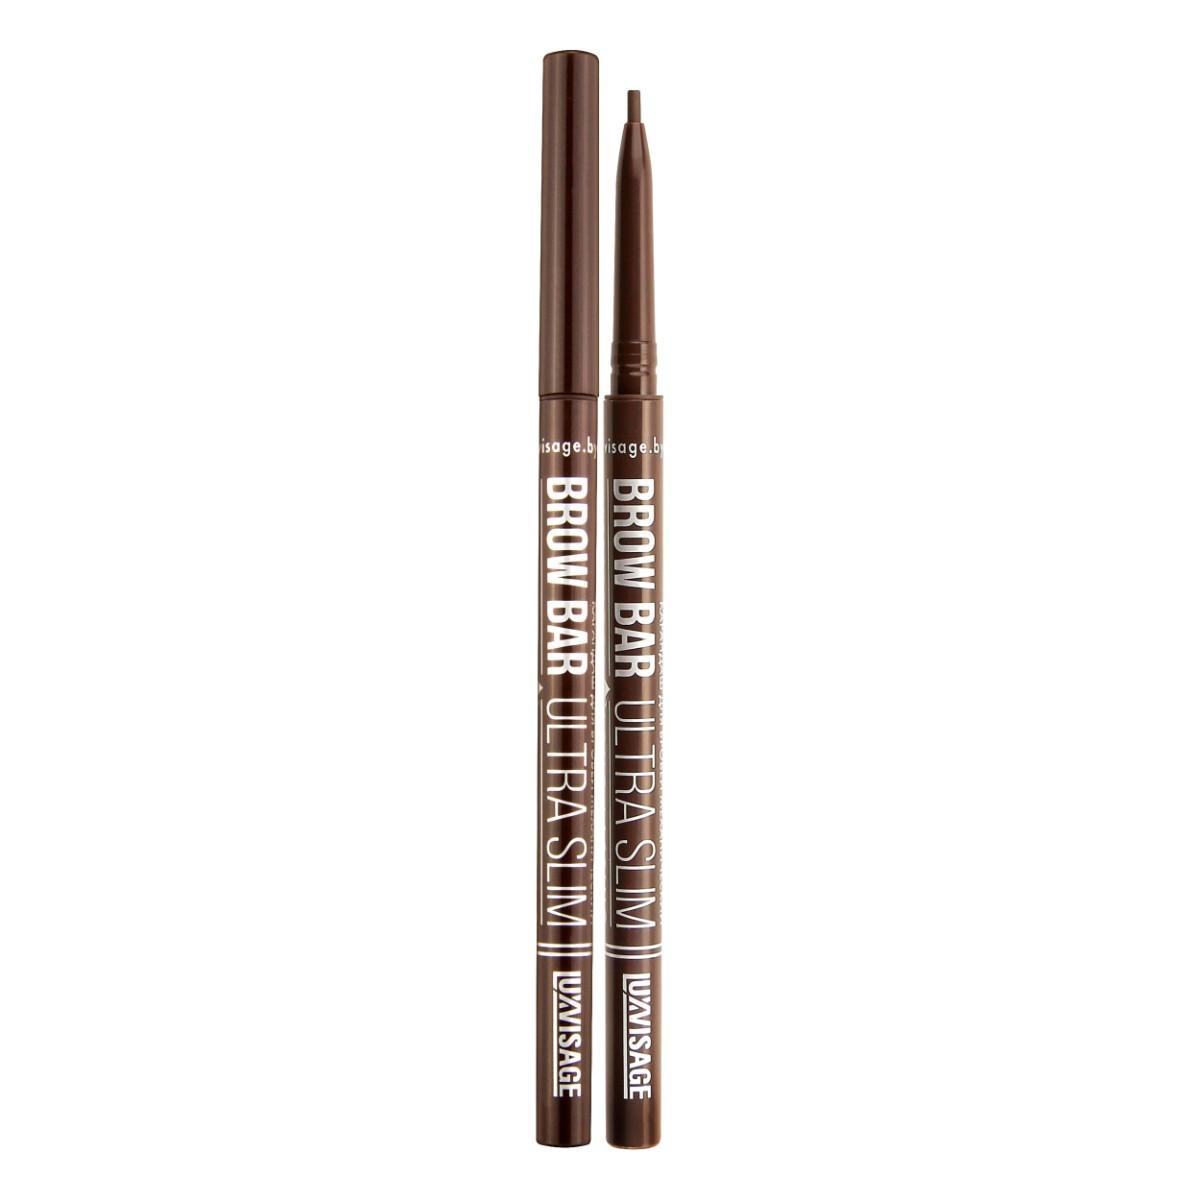 Купить Карандаш для бровей luxvisage brow bar ultra slim тон 302 soft brown, УЛЬТРАТОНКИЙ МЕХАНИЧЕСКИЙ КАРАНДАШ ДЛЯ БРОВЕЙ BROW BAR ULTRA SLIM